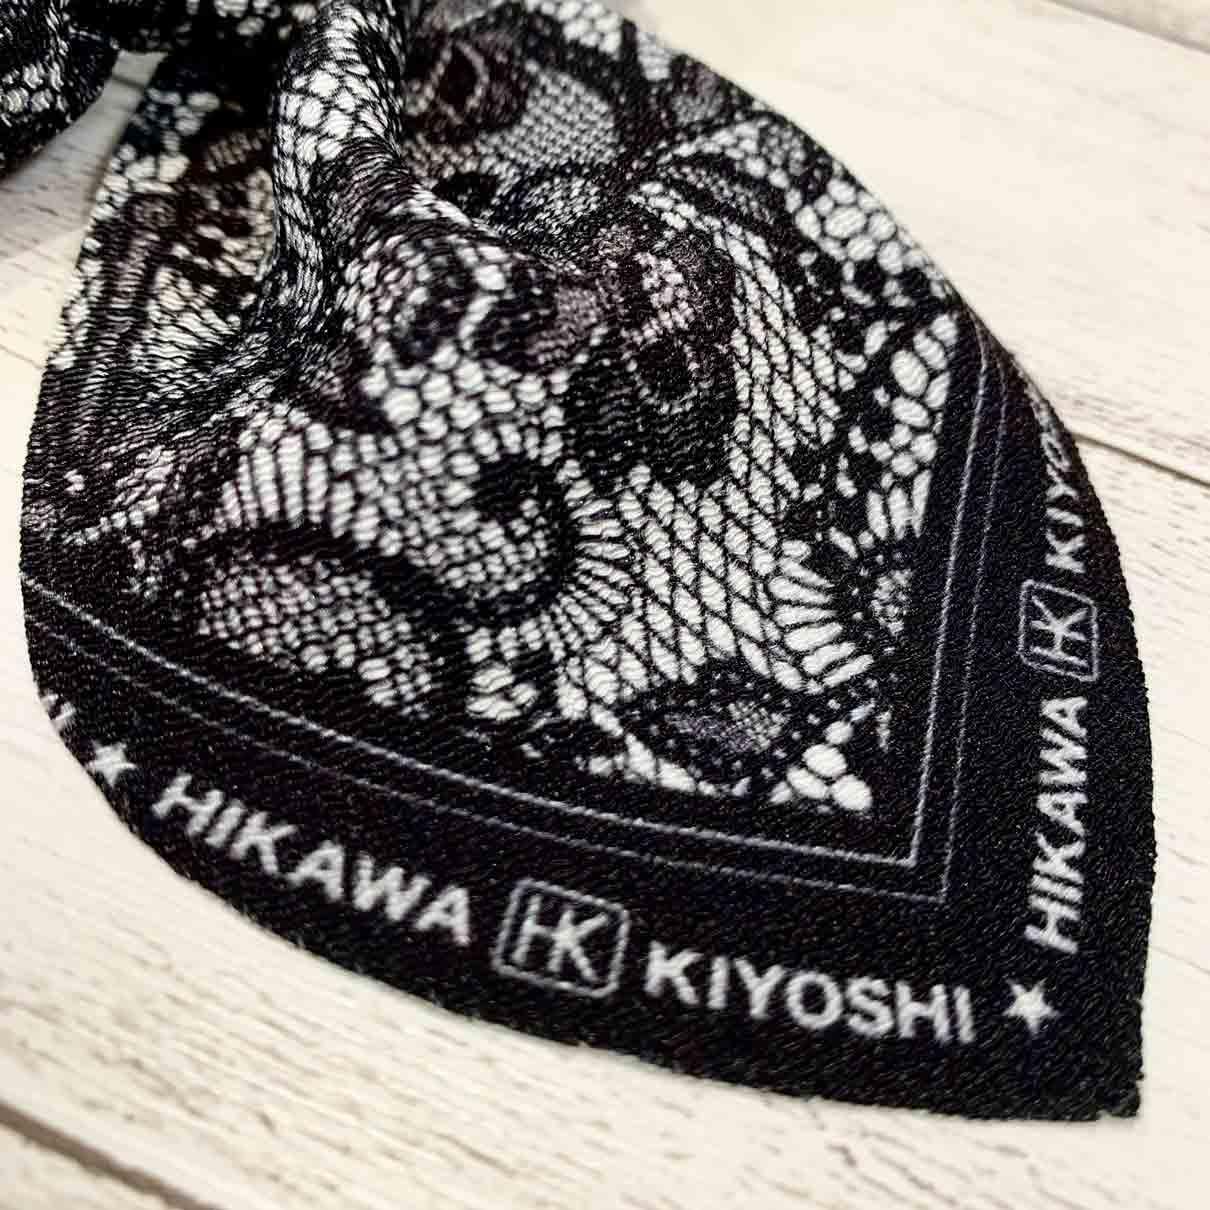 氷川きよし・リボンシュシュ(黒レース)